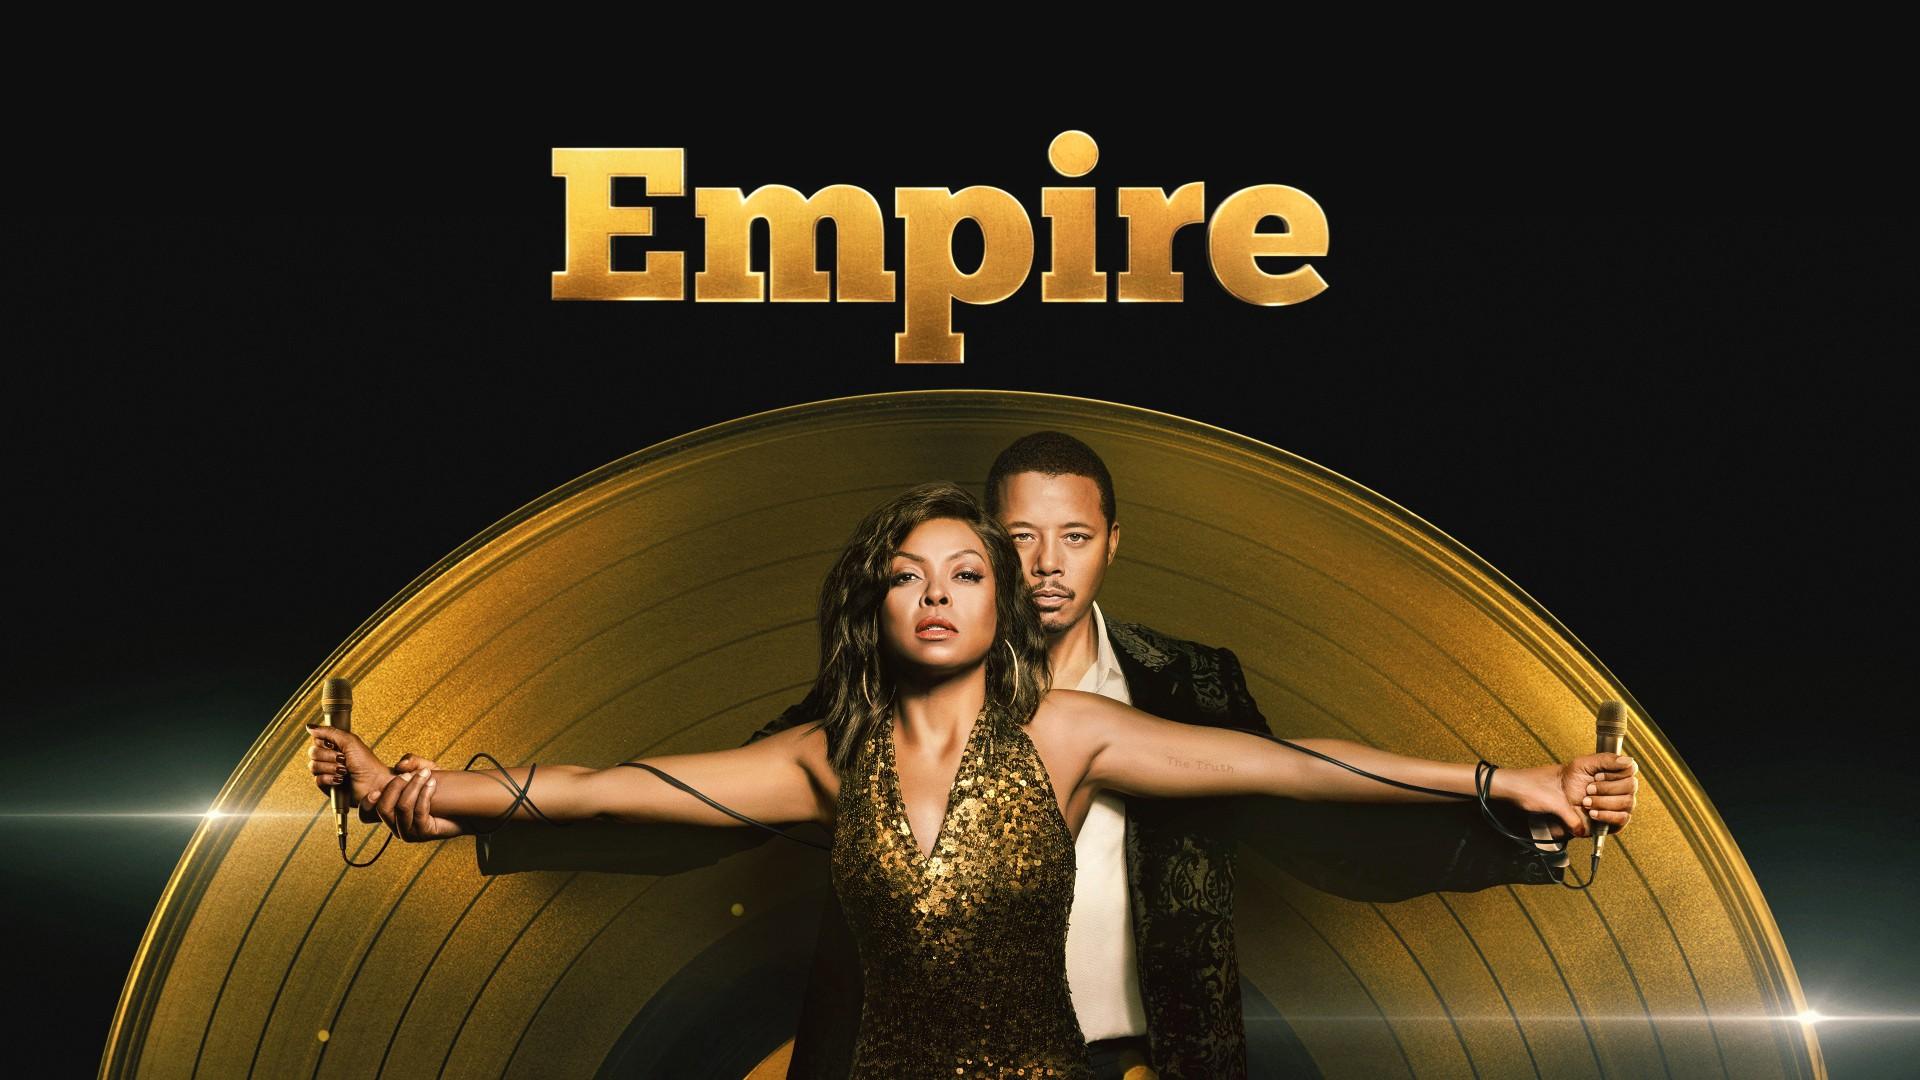 Empire Season 6 Episode 12